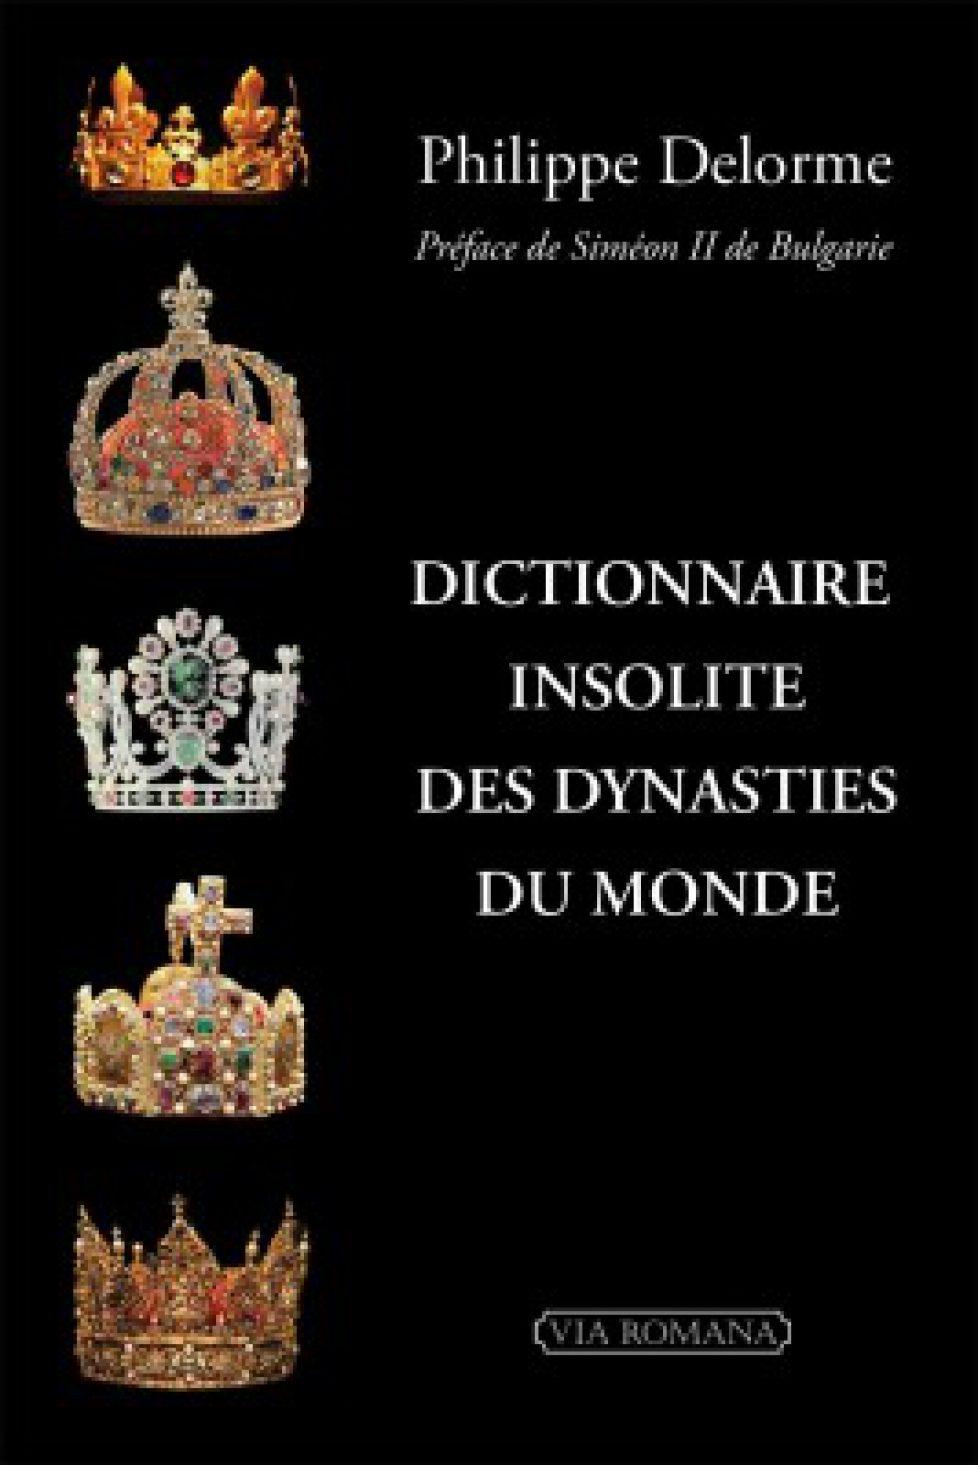 dictionnaire-insolite-des-dynasties-du-monde